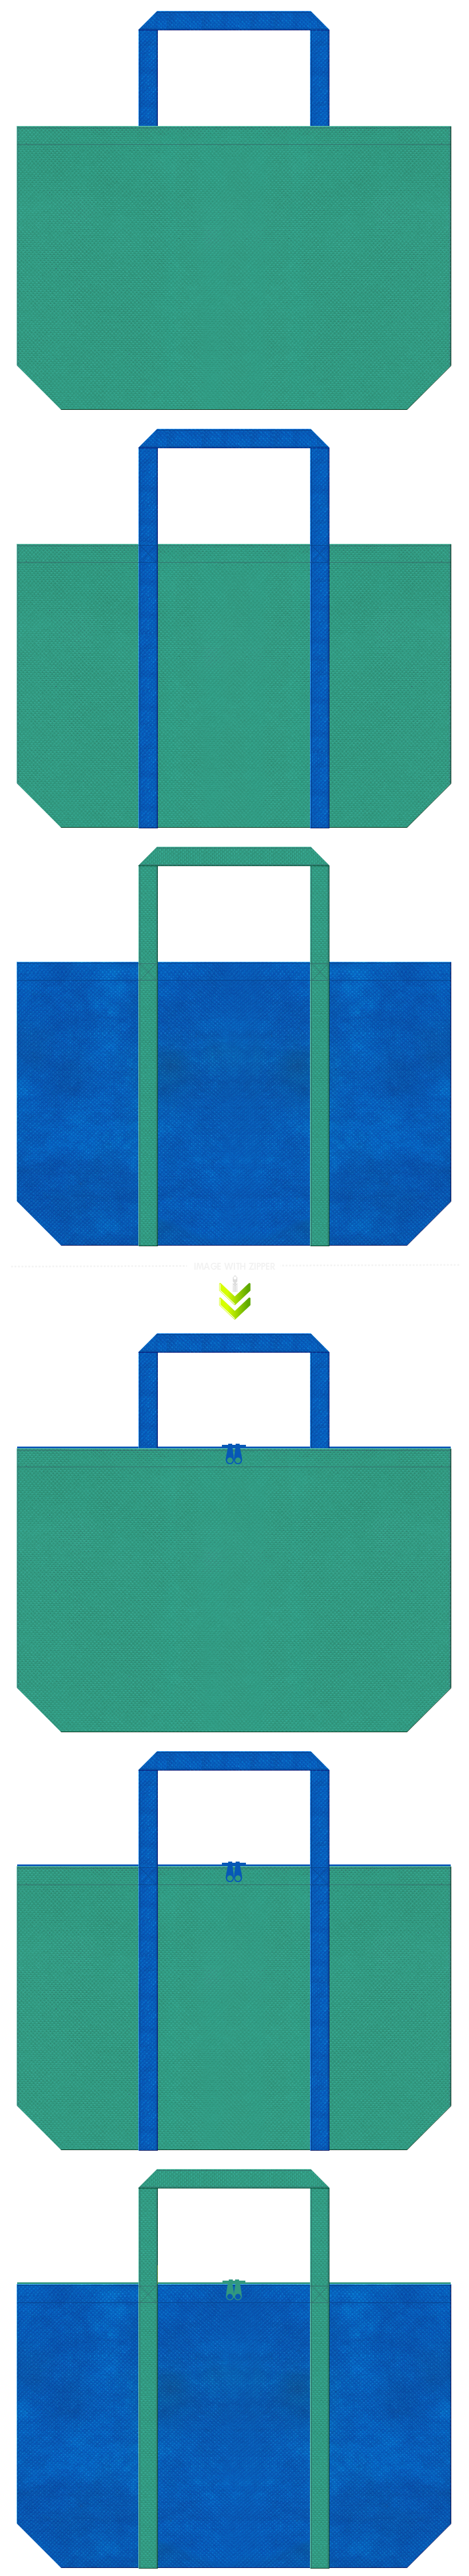 不織布バッグのデザイン:不織布カラーNo.31ライムグリーンとNo.22スカイブルーの組み合わせ